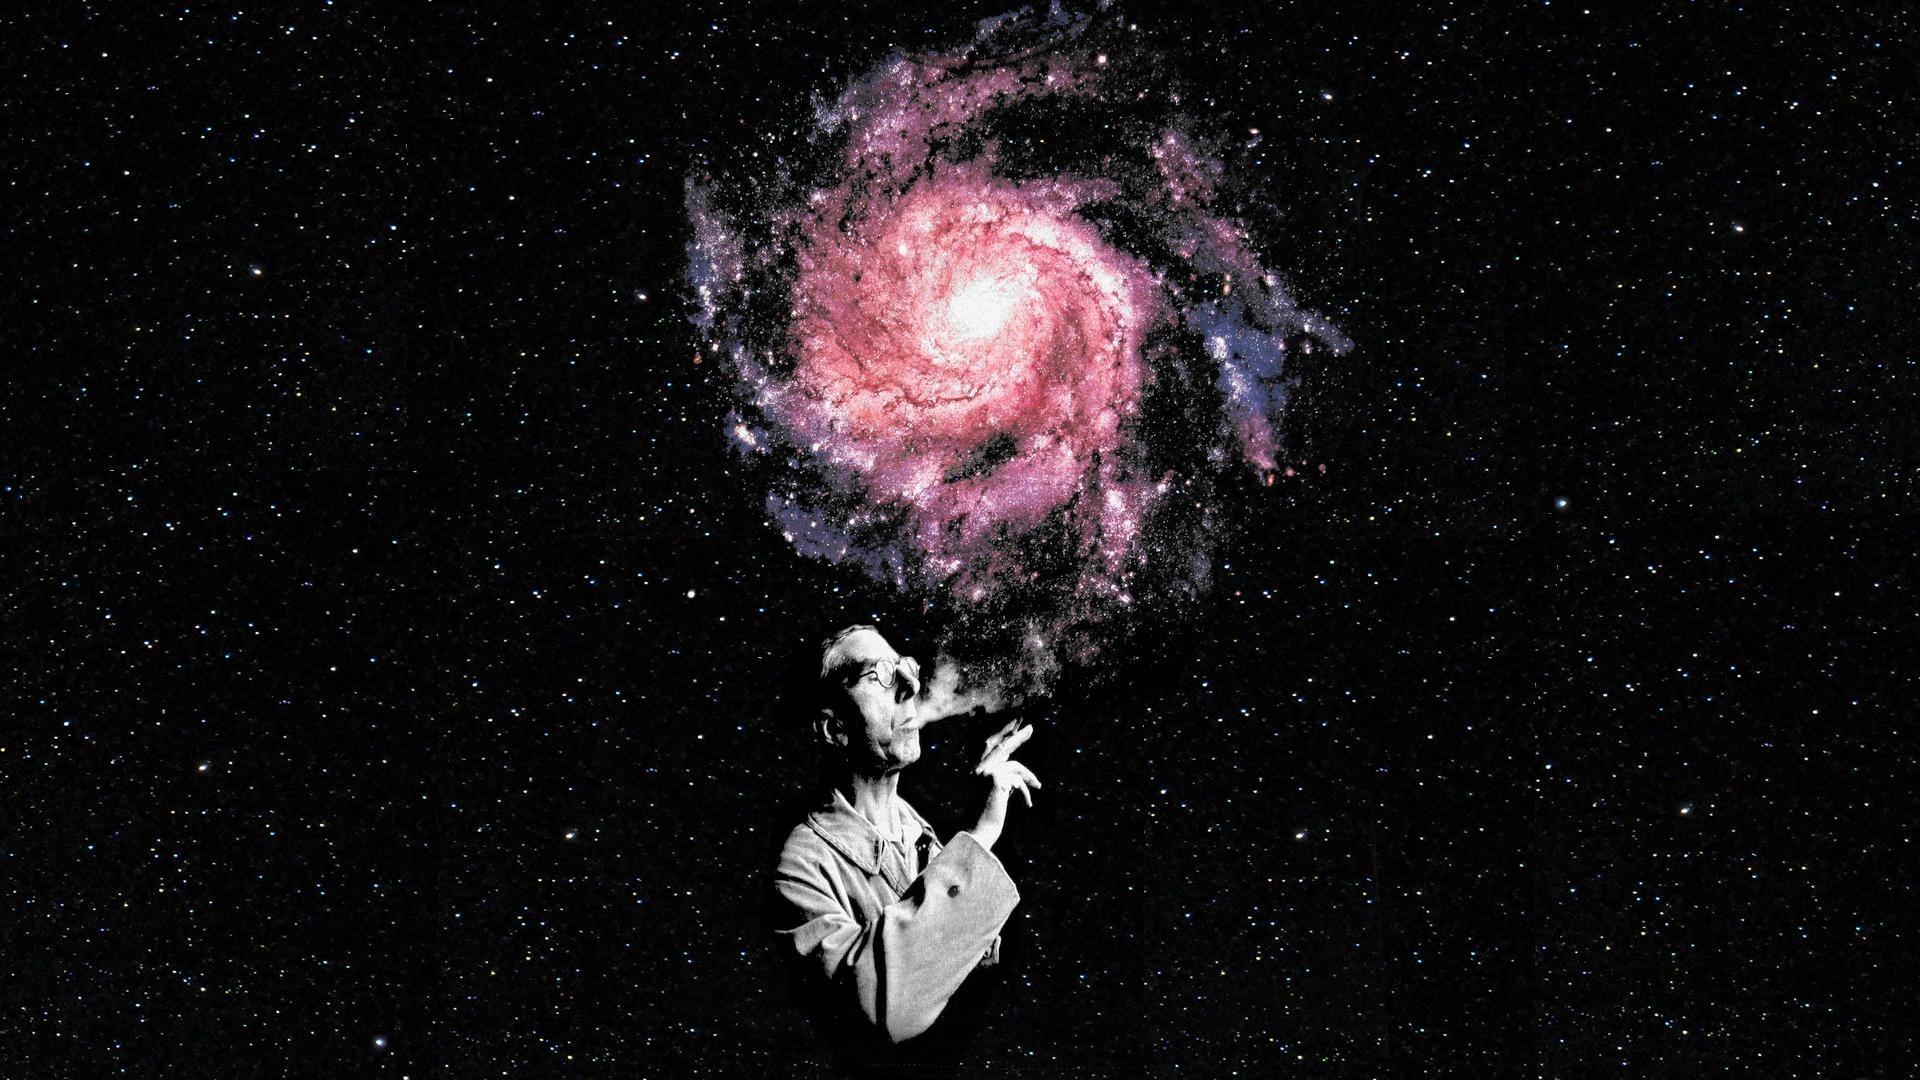 Ilustração Gratis Espaço Todos Os Universo Cosmos: Papel De Parede : Homens, Ilustração, Galáxia, Fumaça